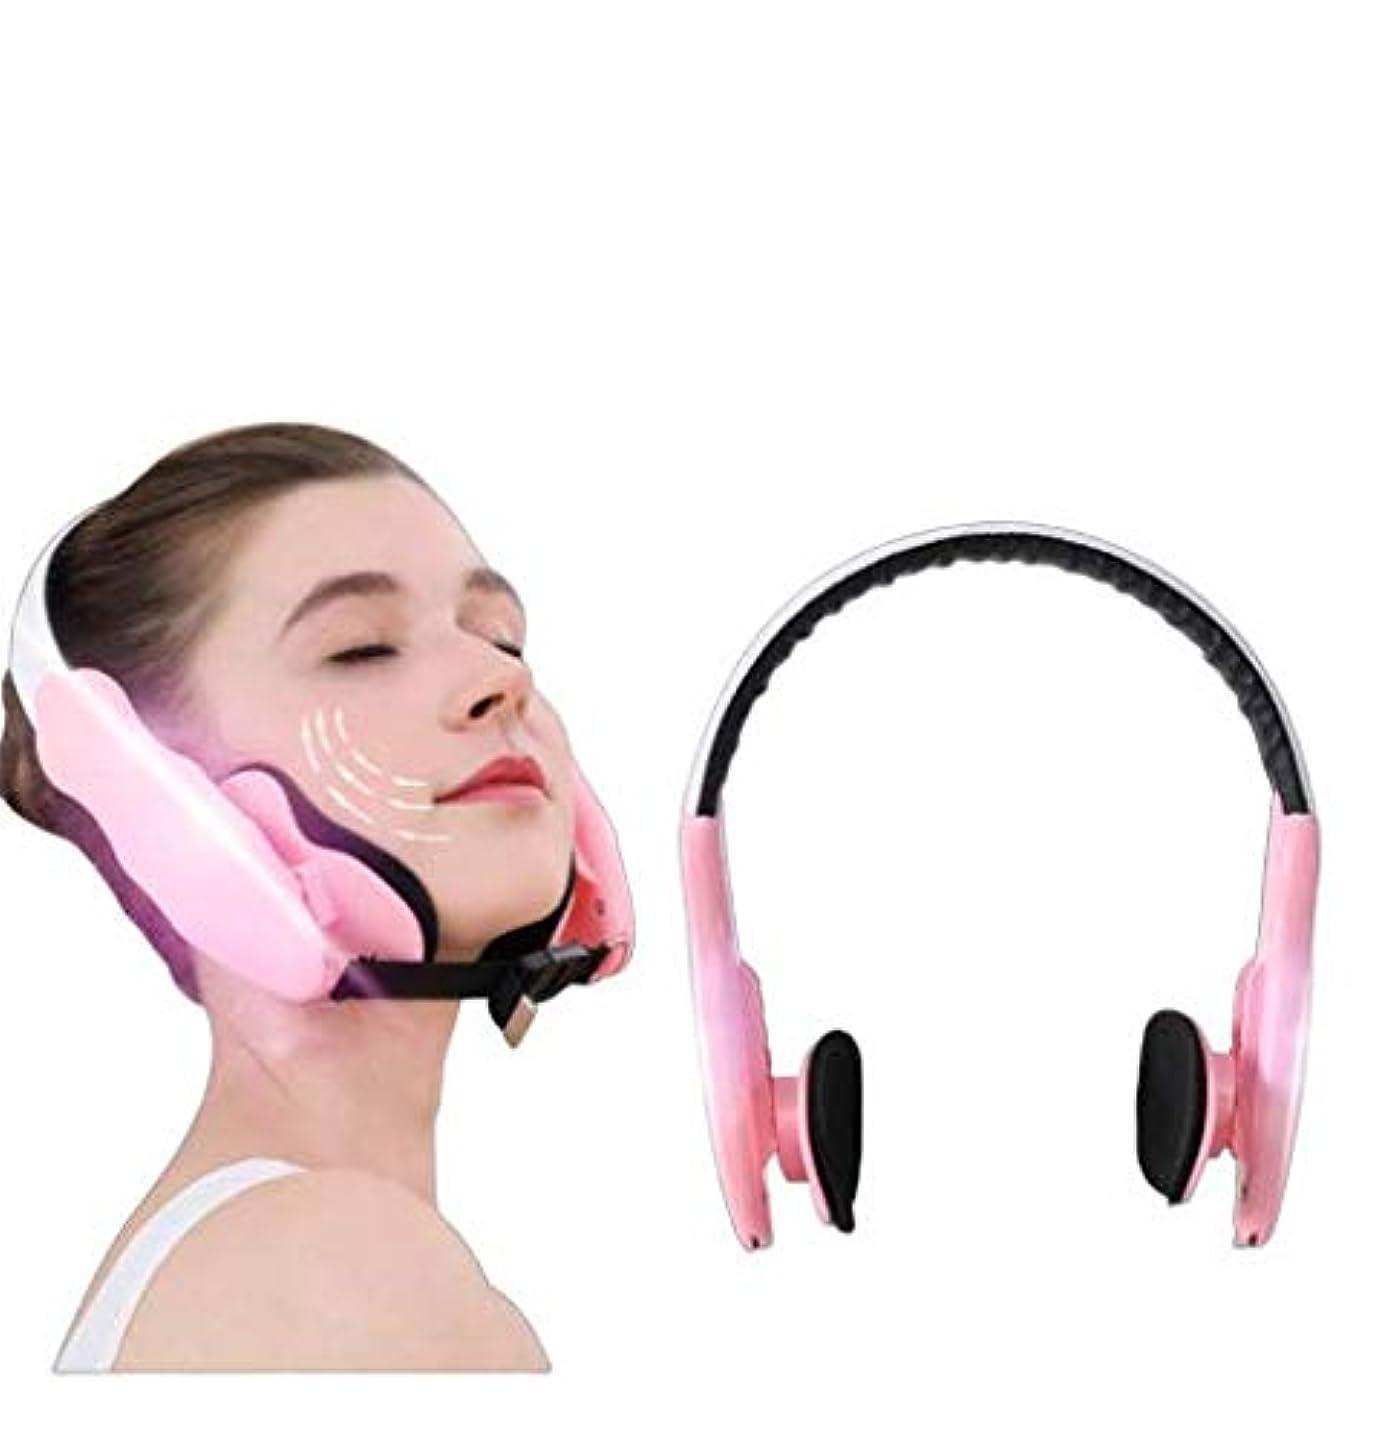 優れました視聴者俳句Nfudishpu Vの顔の包帯の物理的な化粧品は下顎の中足骨の咬筋の訂正のサイズの非対称性6ギヤ位置を改善します